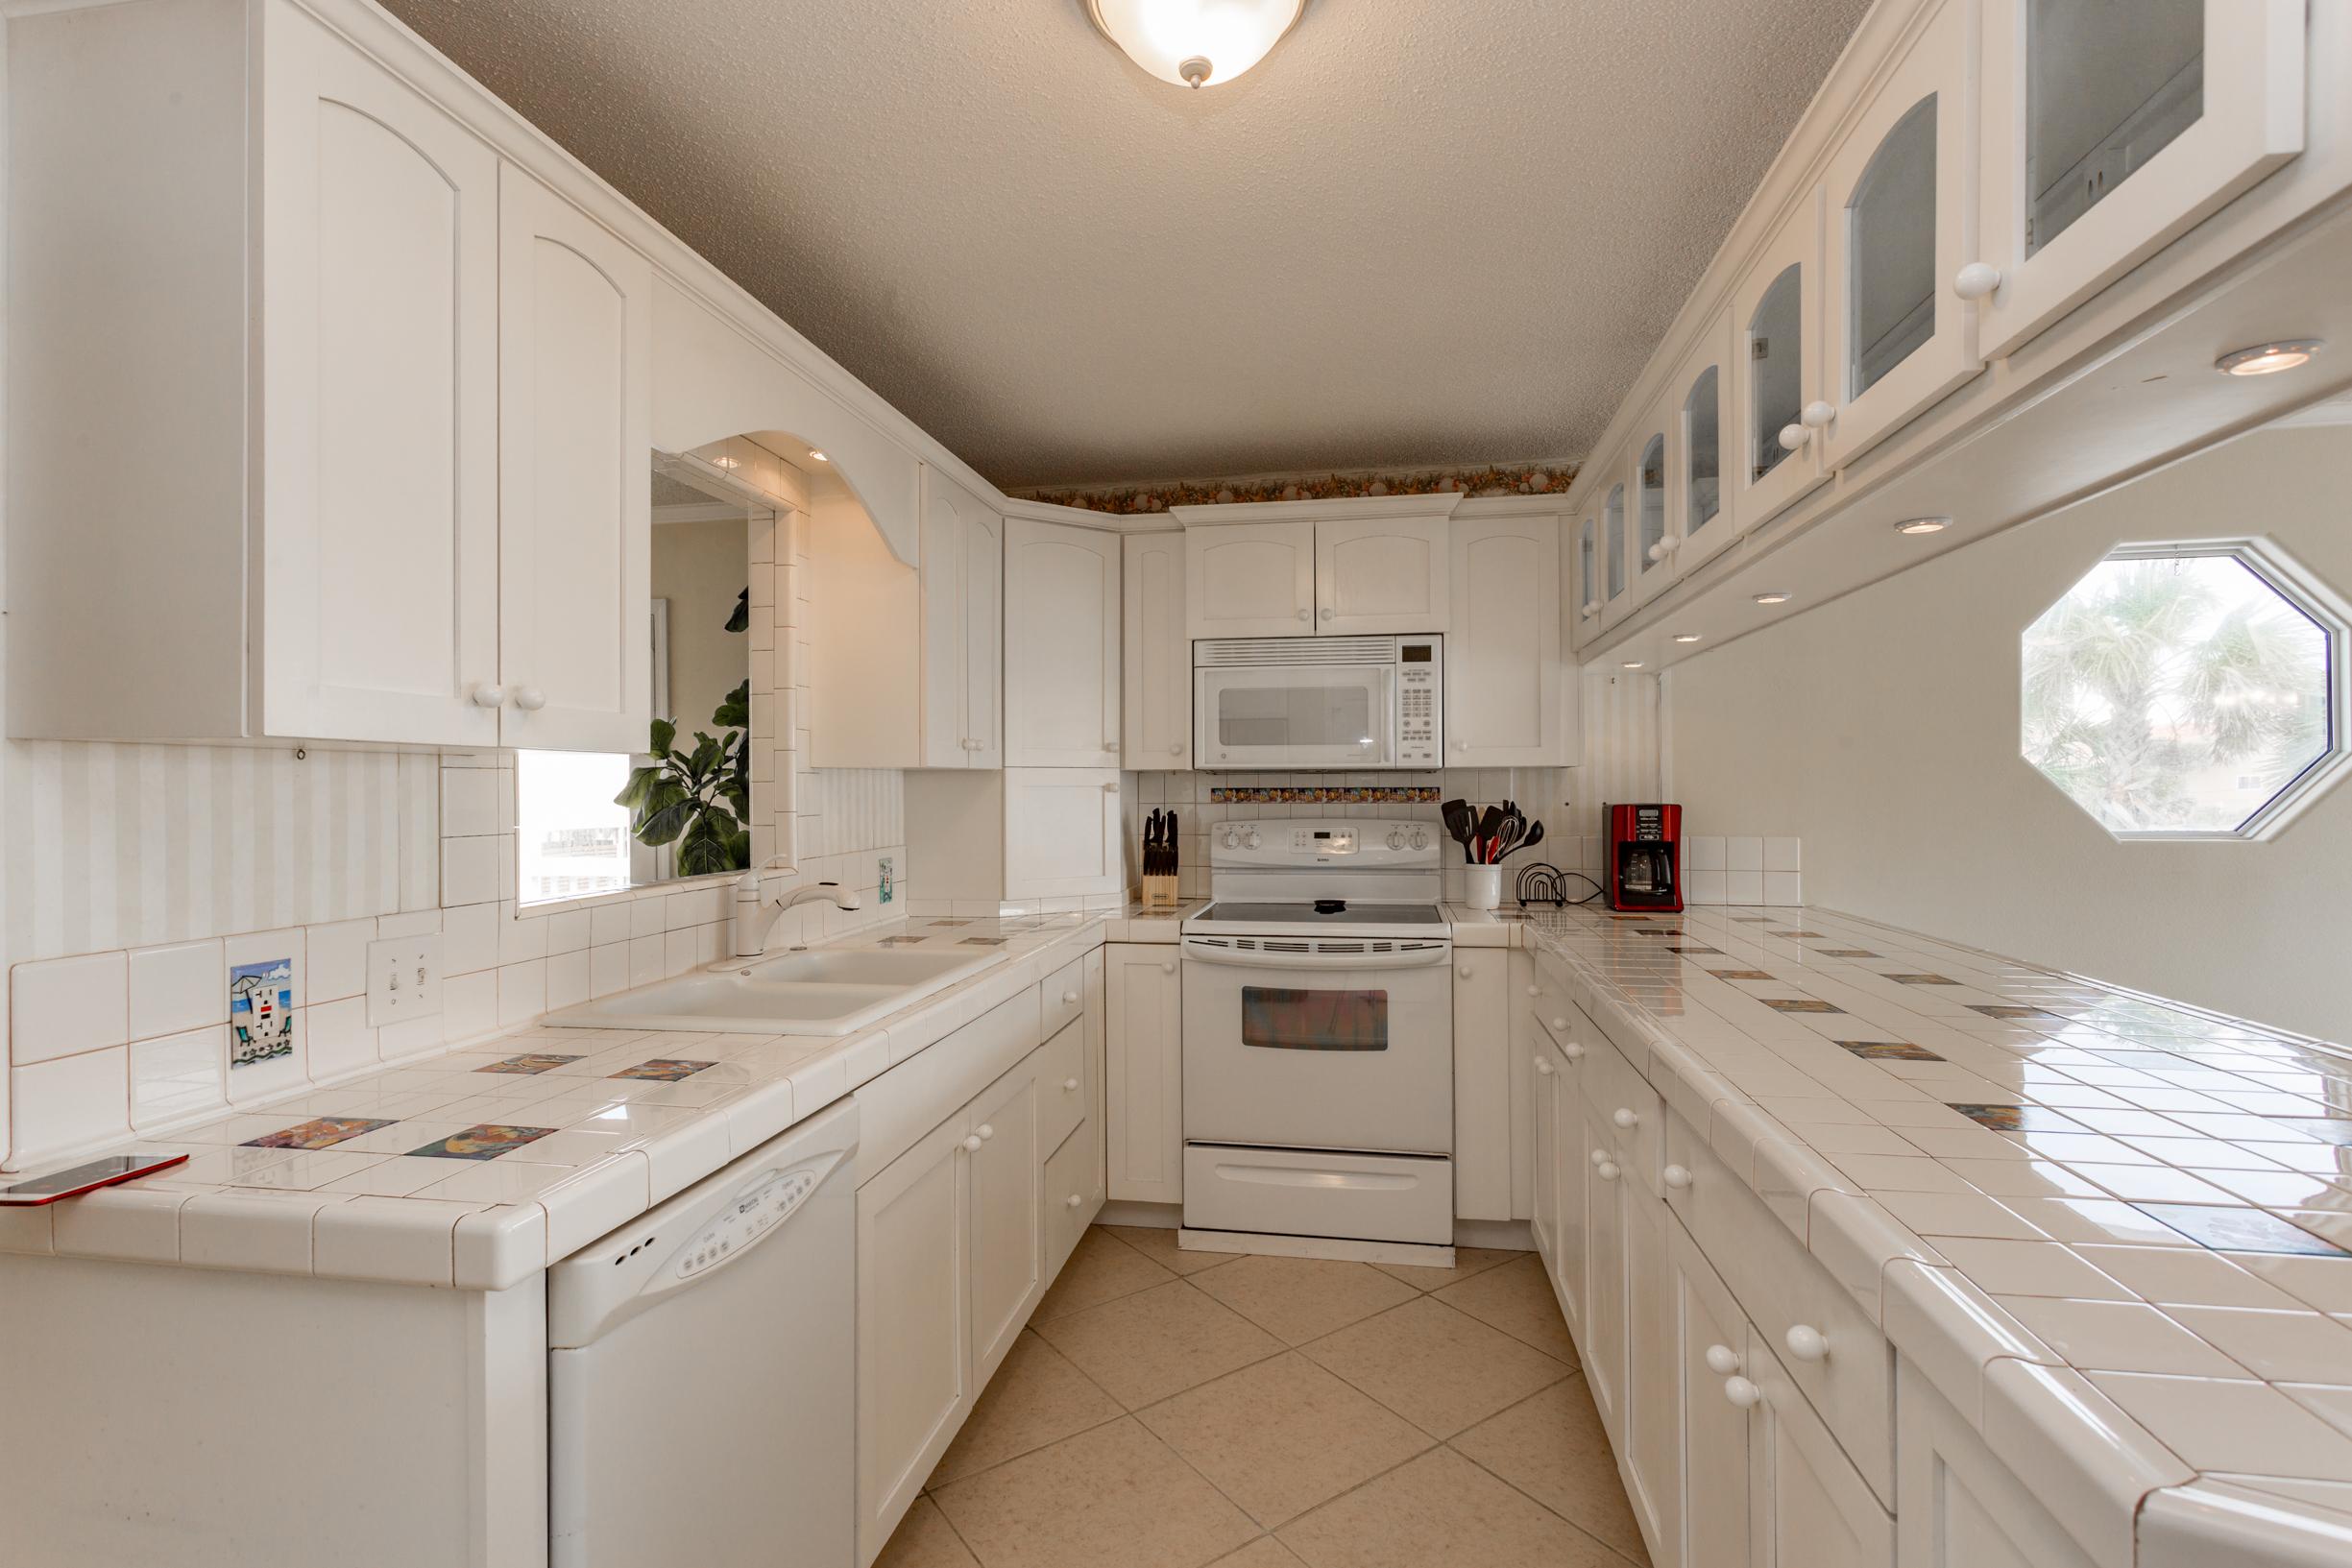 Maldonado 1409 - The Hip * Nautic House/Cottage rental in Pensacola Beach House Rentals in Pensacola Beach Florida - #19